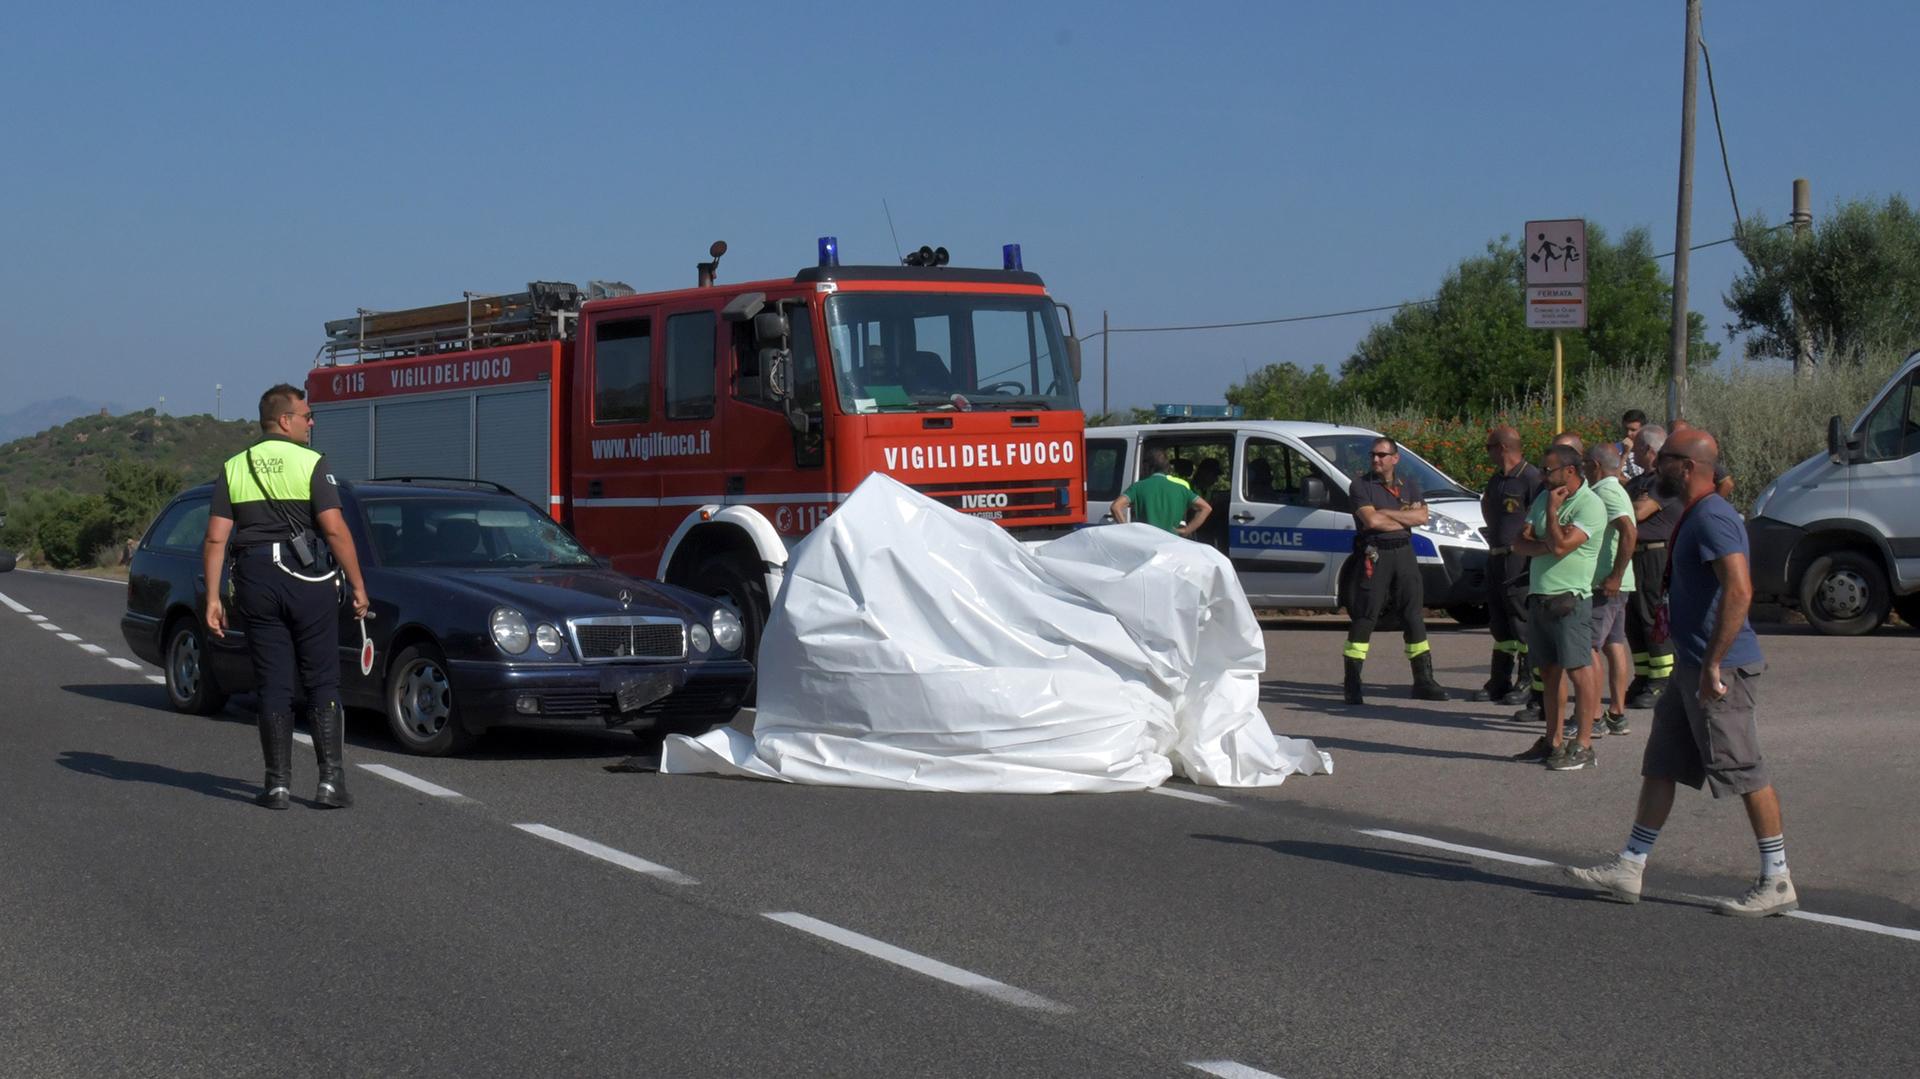 La motocicleta de George Clooney fue cubierta con una tela blanca tras el accidente. (Grosby Group)